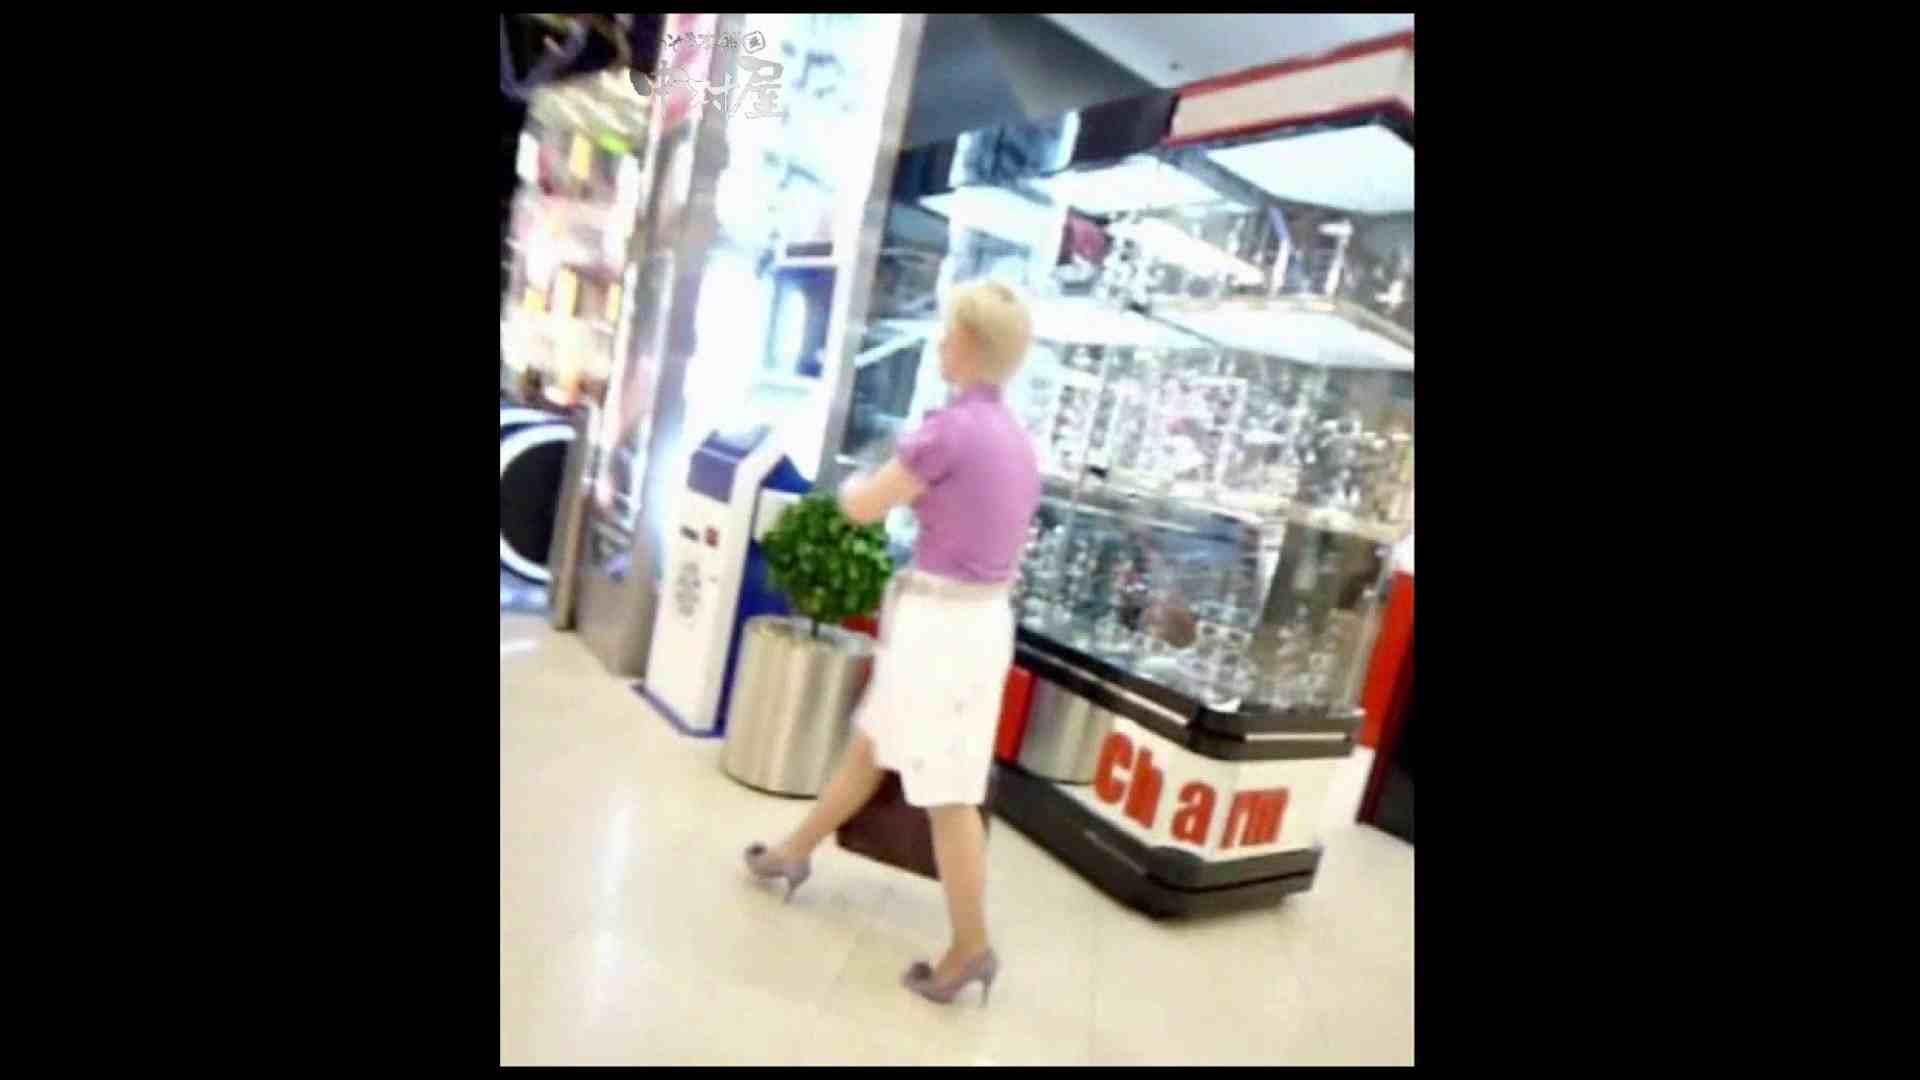 綺麗なモデルさんのスカート捲っちゃおう‼ vol30 お姉さんハメ撮り  109Pix 48